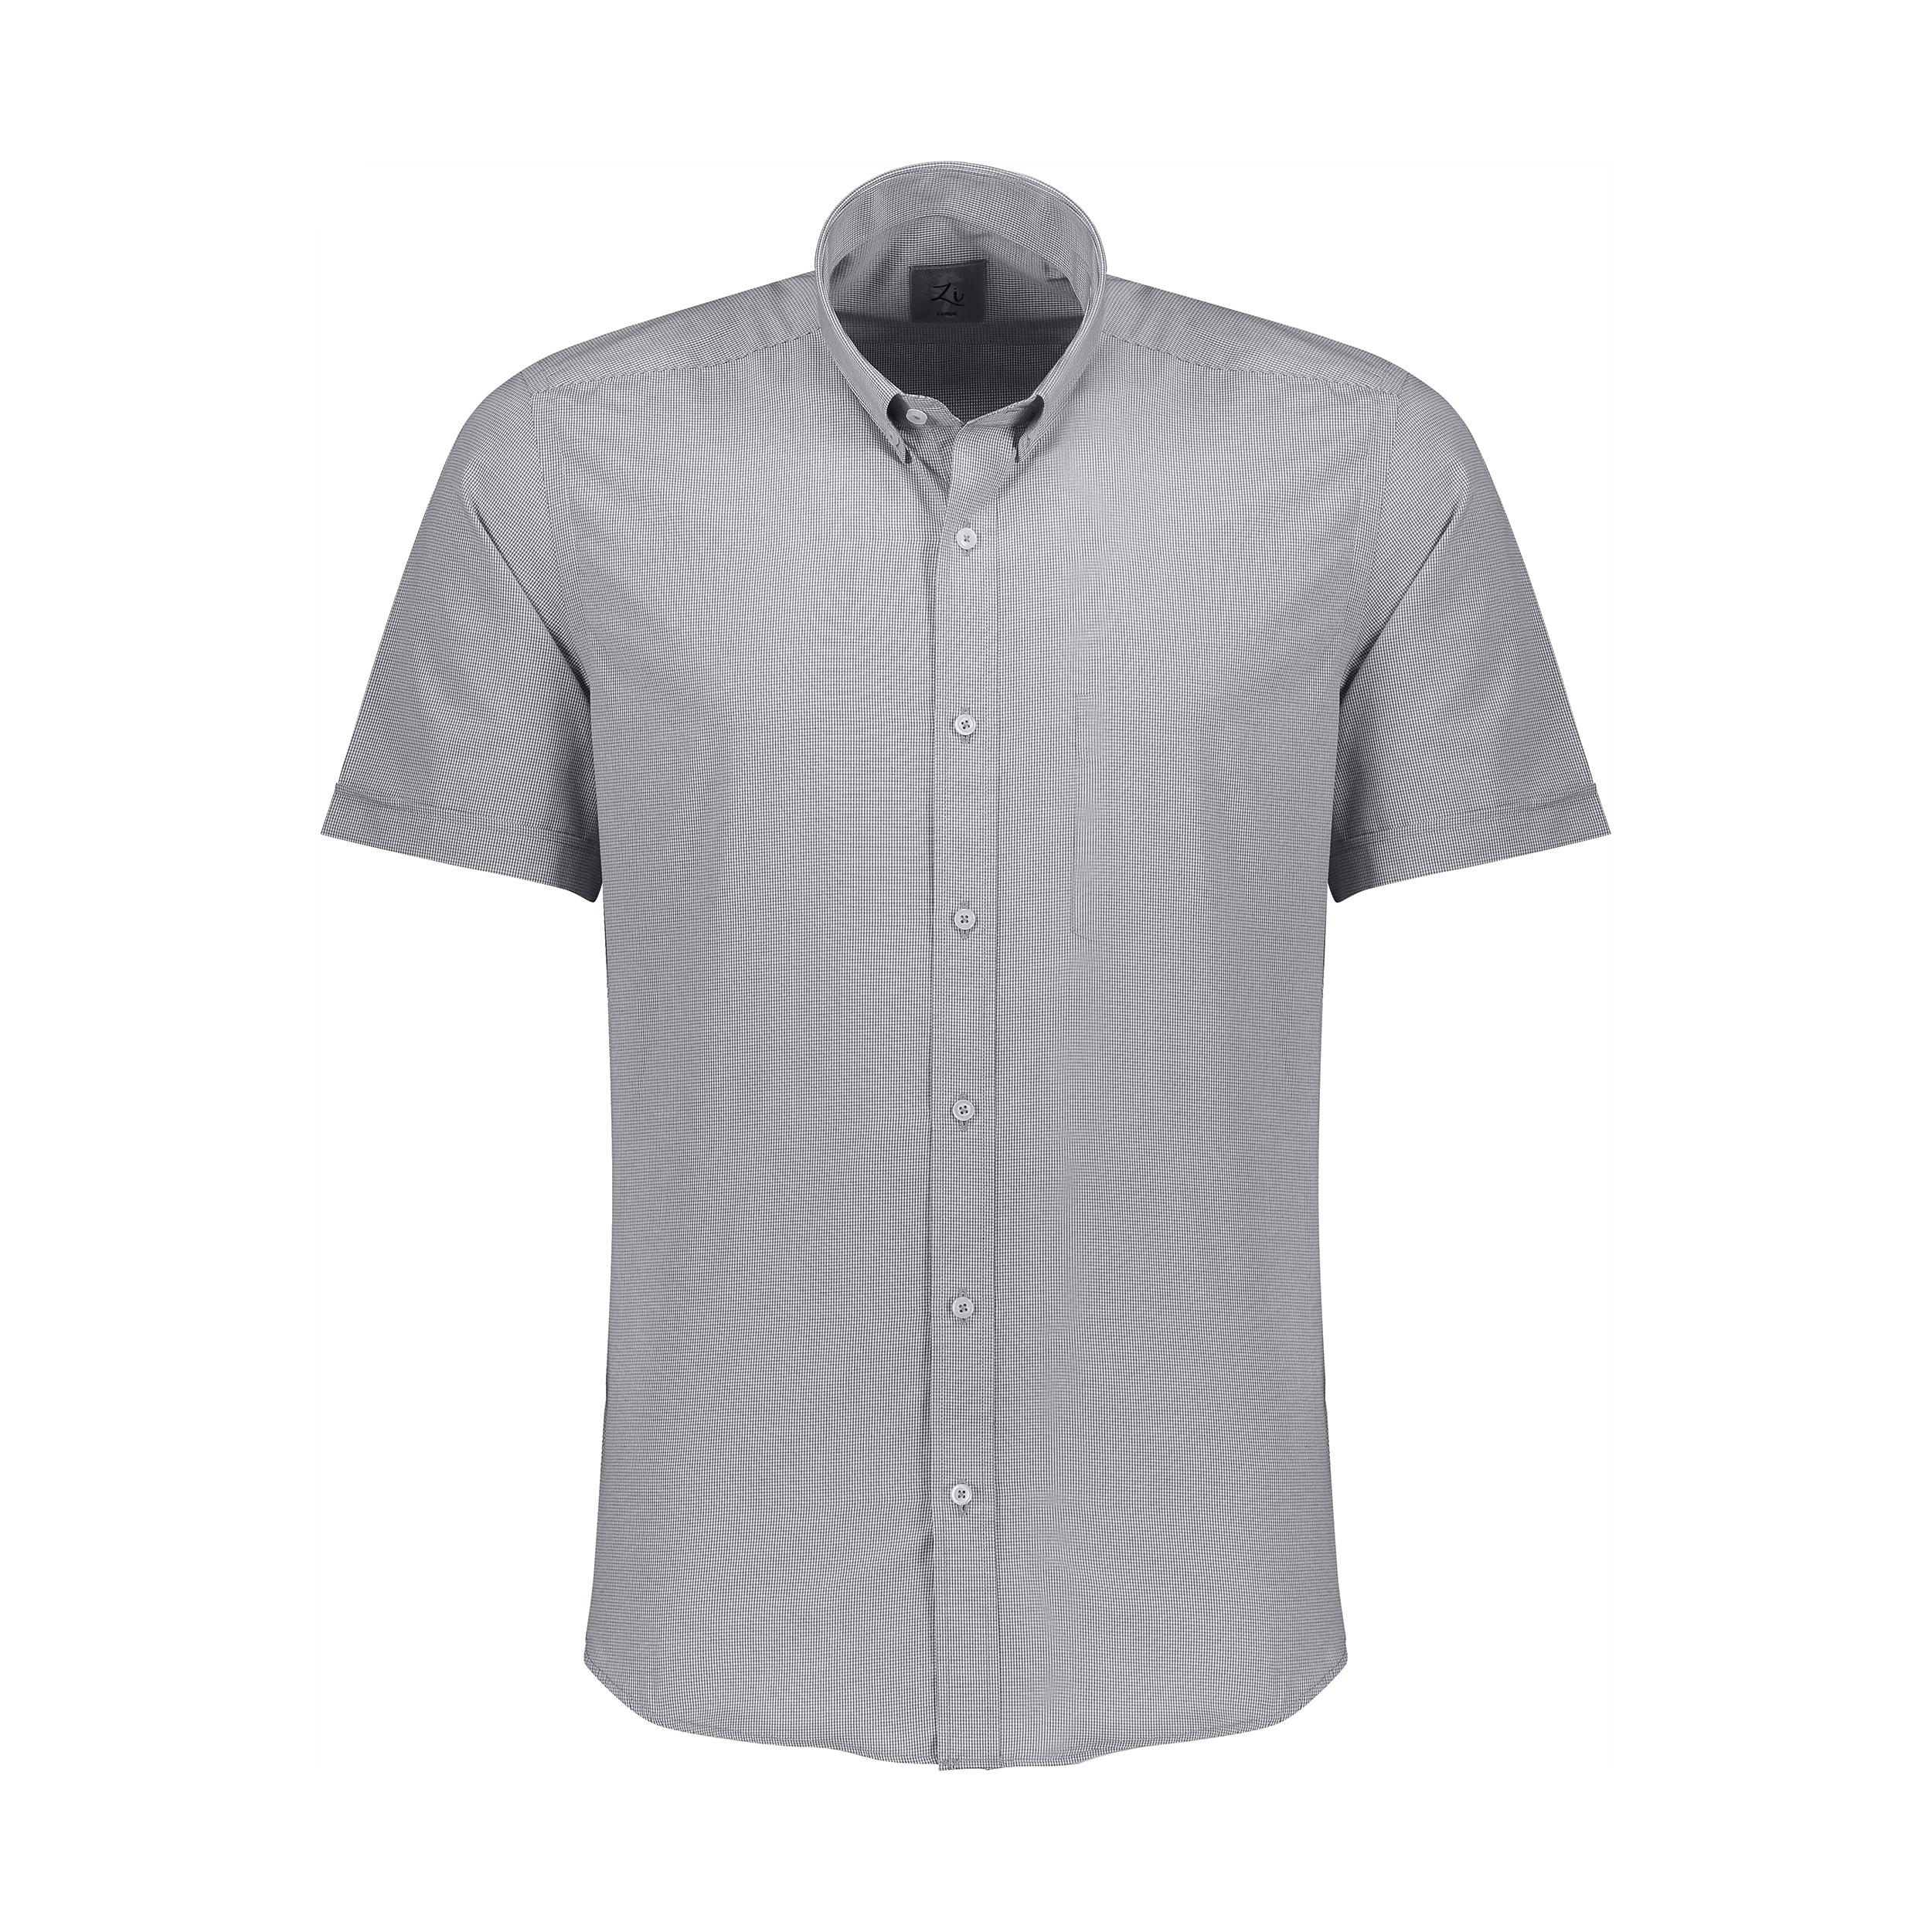 راهنمای خرید پیراهن مردانه زی مدل 15311967859 لیست قیمت